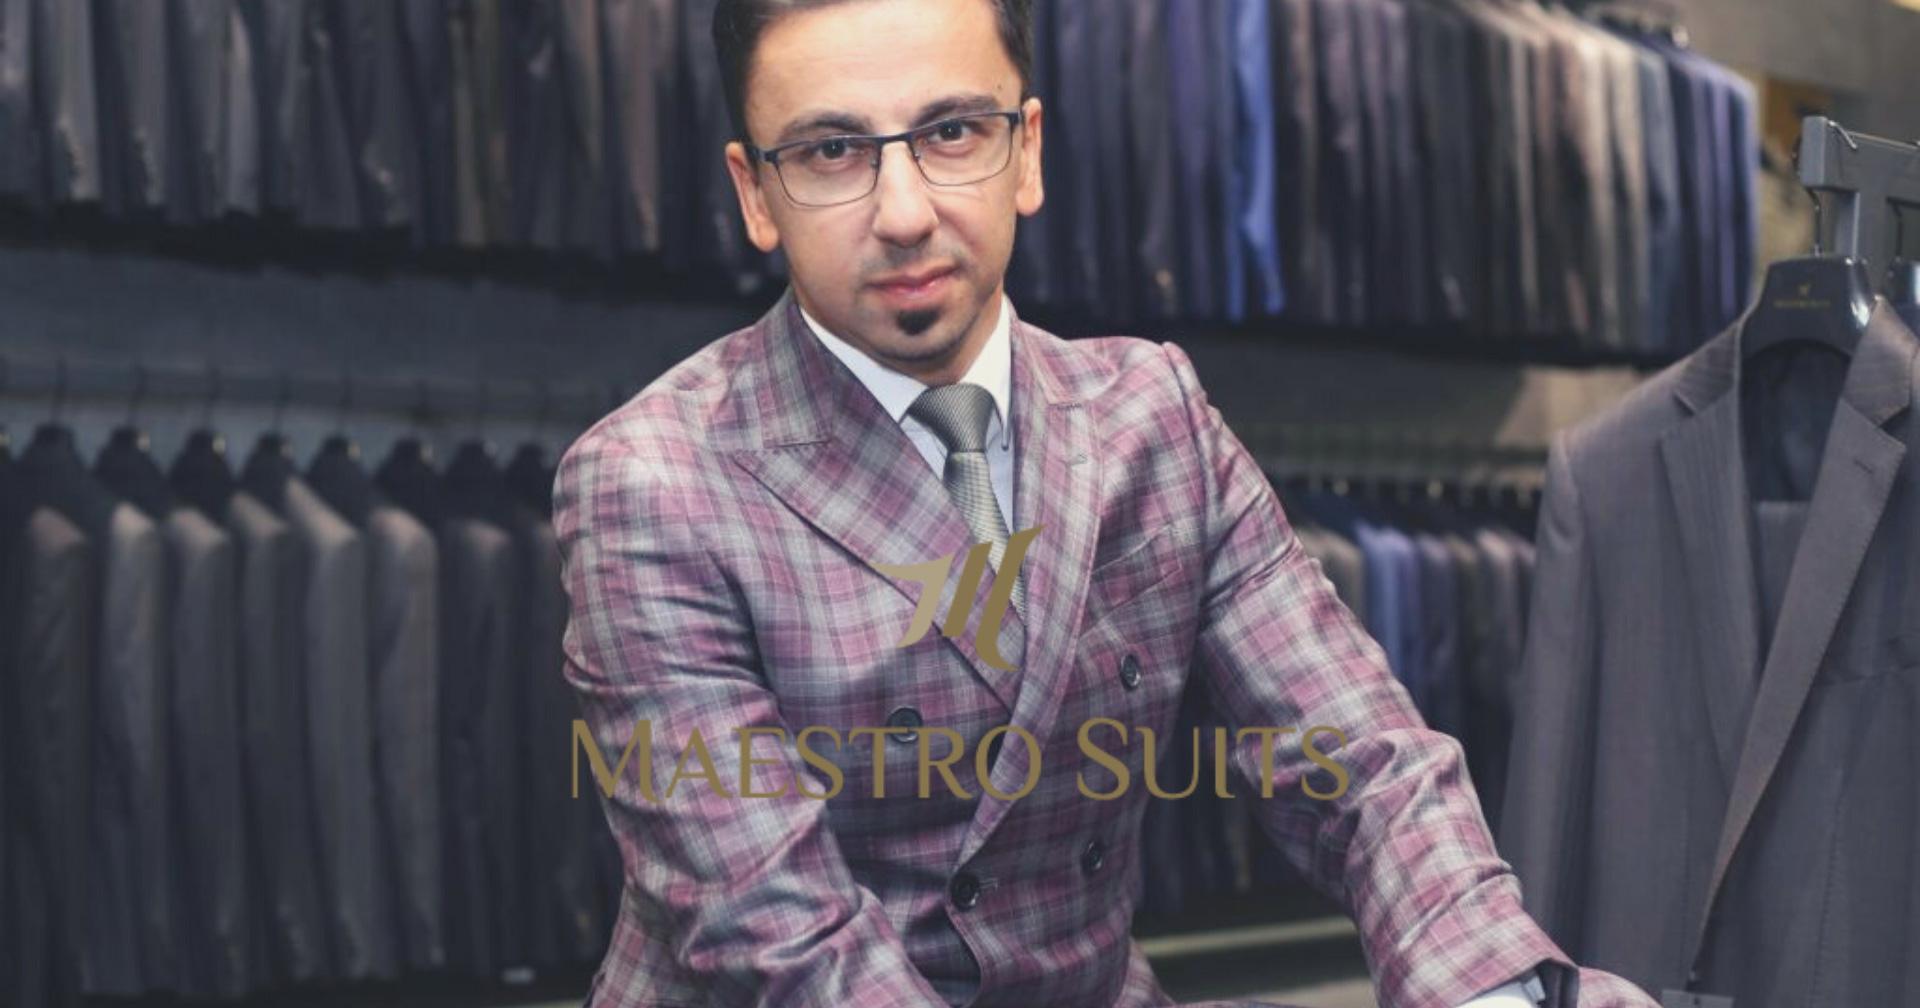 (VIDEO) Zvonko Komšić: Maestro Suits je odijelo koje sam tražio!